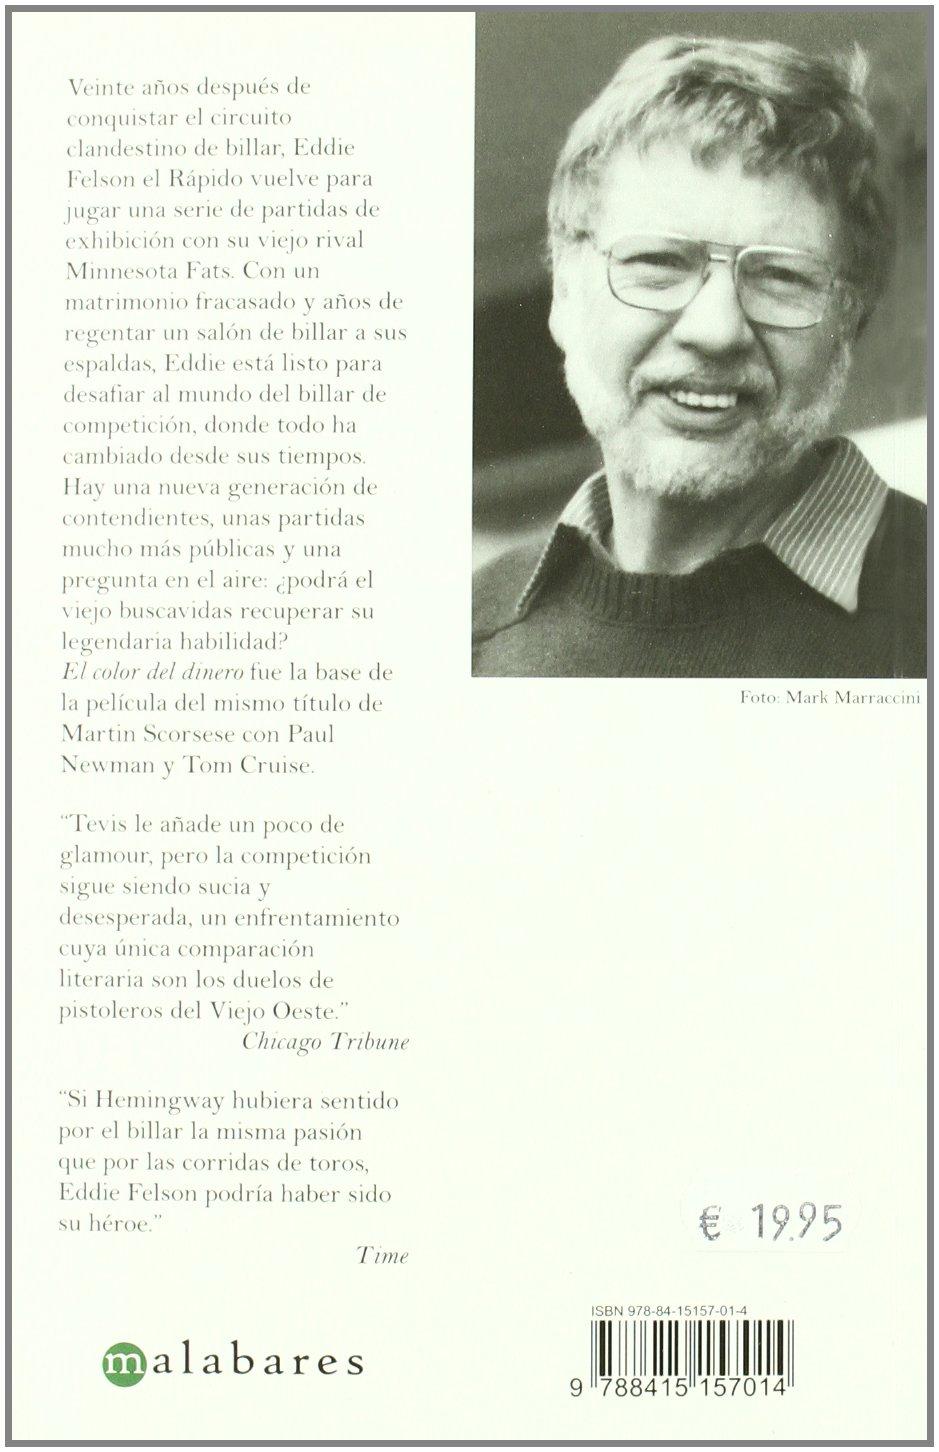 Color Del Dinero,El (Malabares): Amazon.es: Walter Tevis, Rafael ...